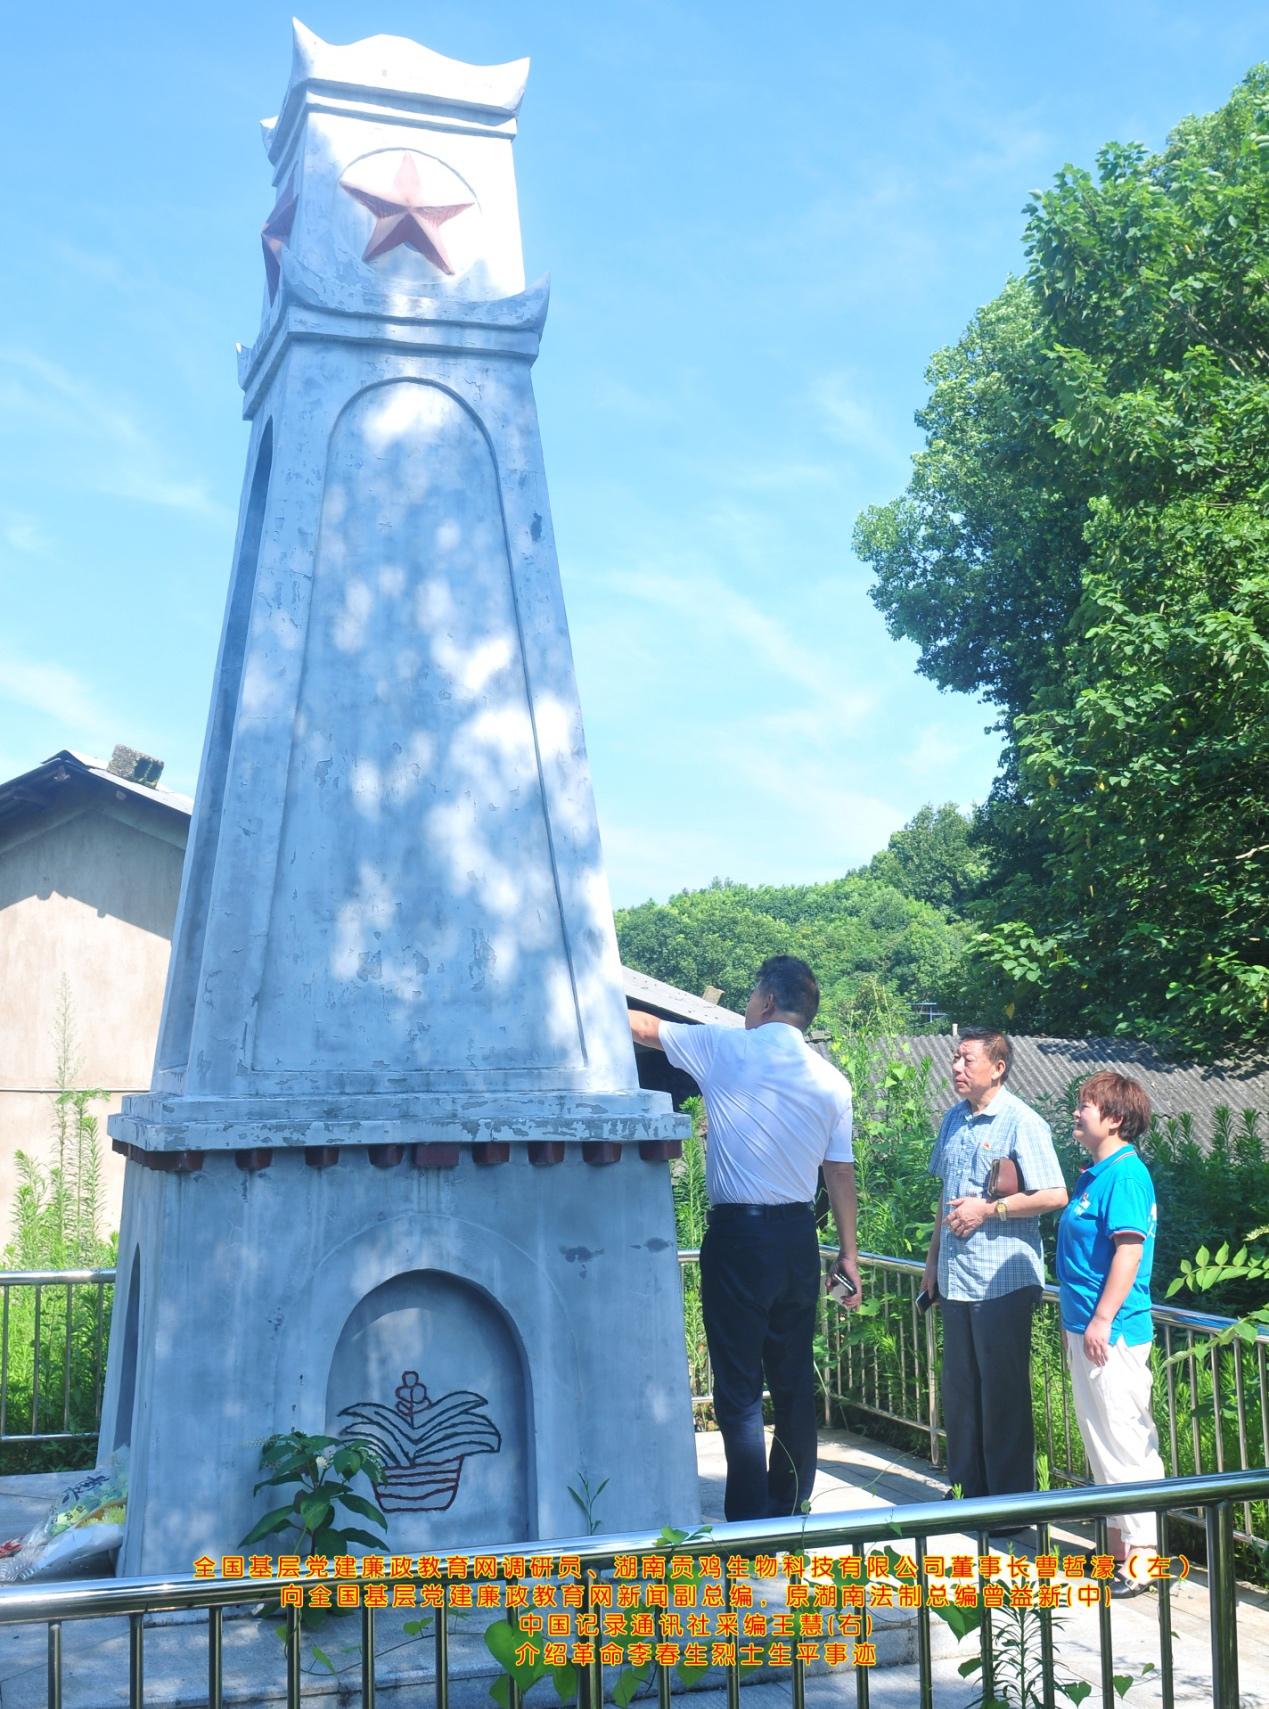 响应党的号召 回乡创业建设美好家园 --湖南贡鸡生物科技有限公司发展纪实